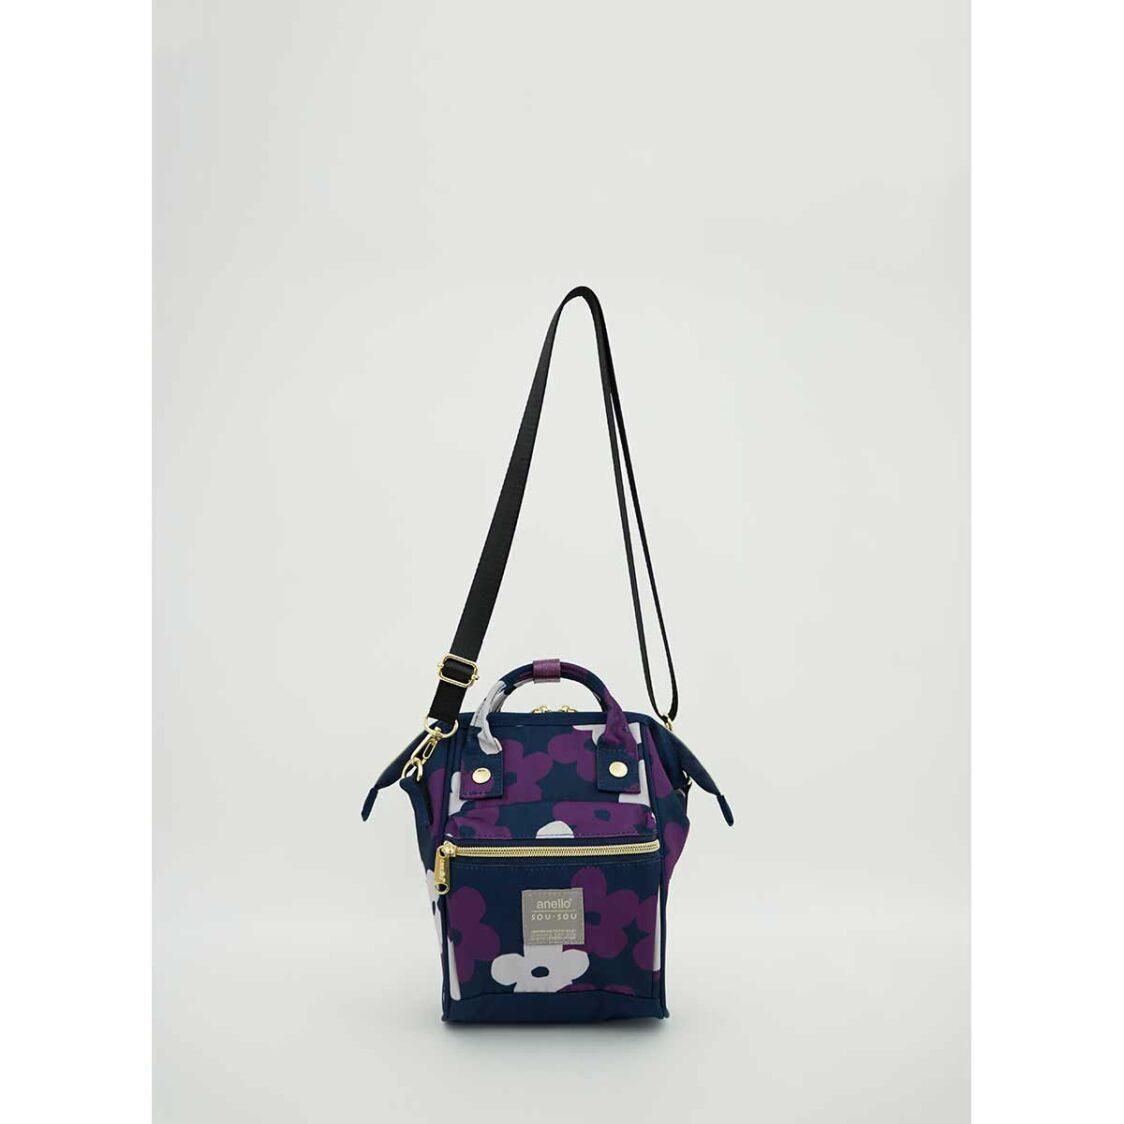 Anello X Sousou 2Way Micro Shoulder Bag Navy